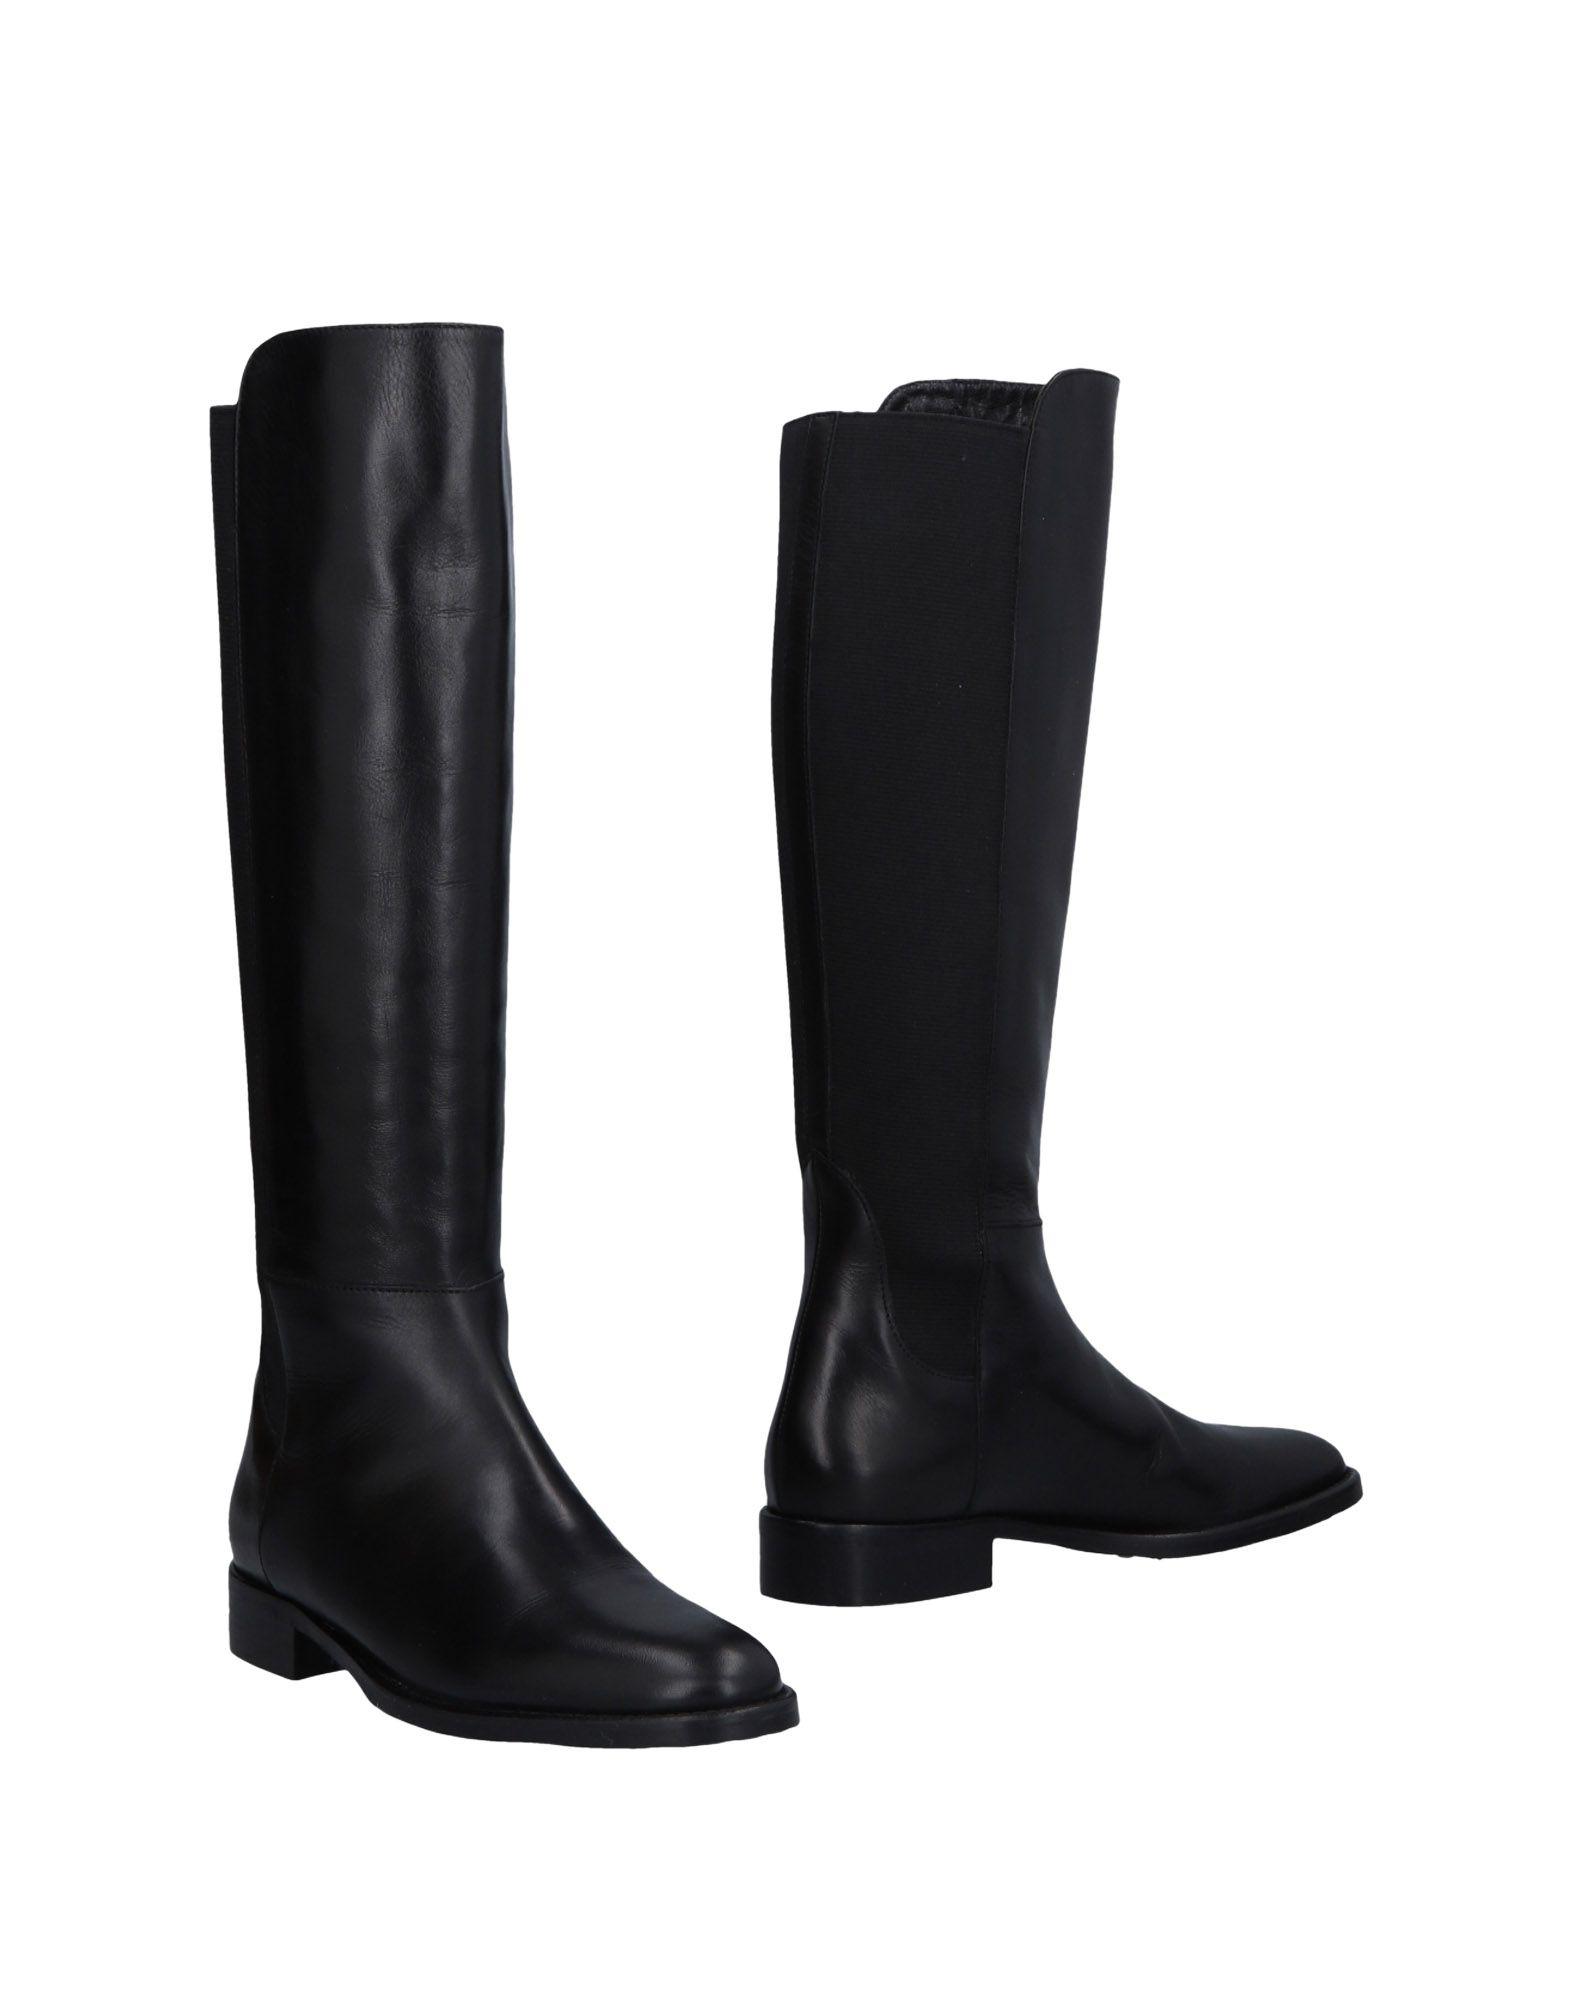 Billig-3373,E'clat Stiefel lohnt Damen Gutes Preis-Leistungs-Verhältnis, es lohnt Stiefel sich 6d6d5c